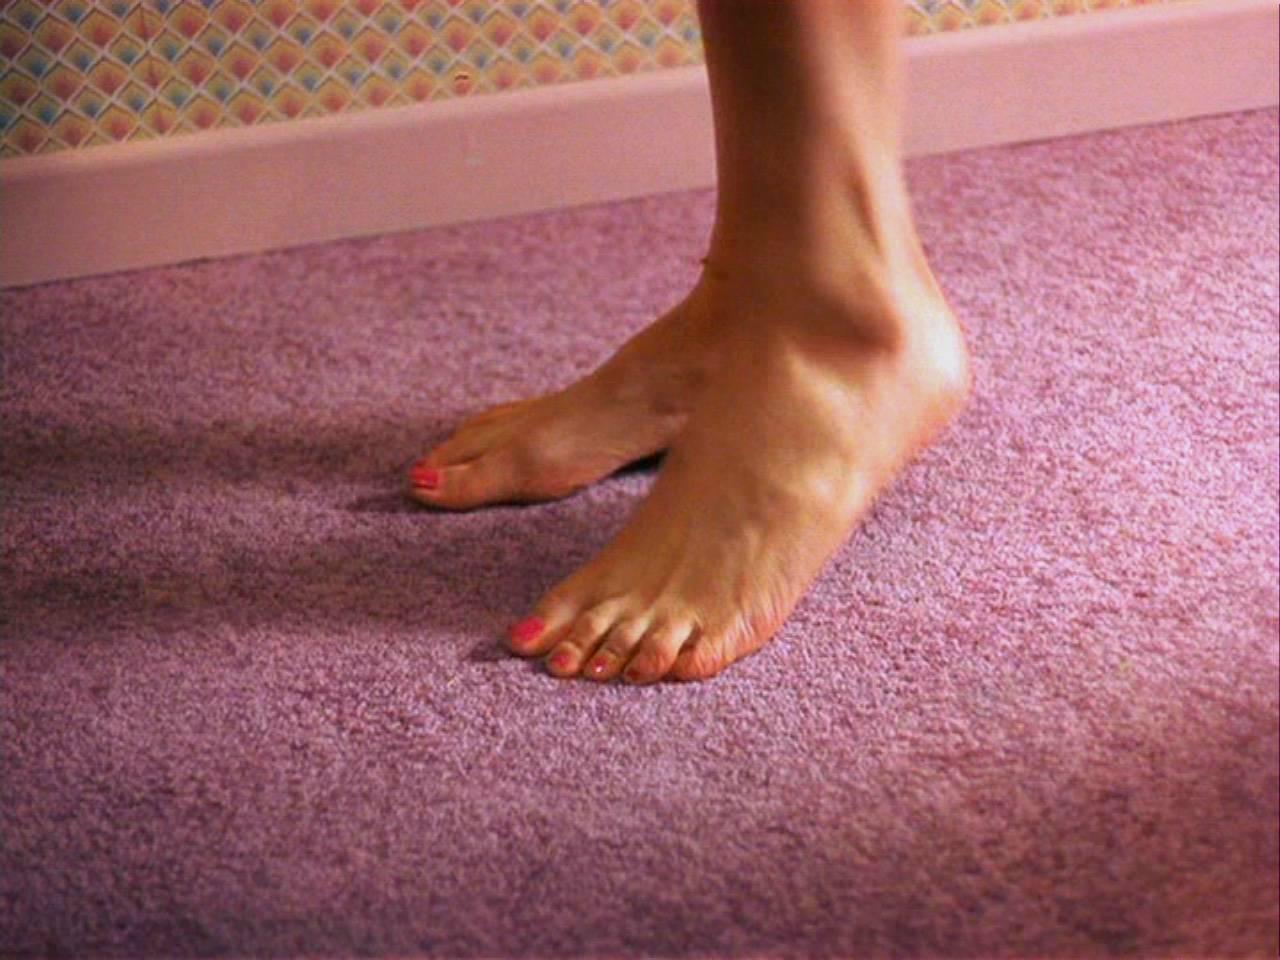 http://4.bp.blogspot.com/_UaLWp72nij4/TBqIfMUjhwI/AAAAAAAAPWg/CebtRAsEsMo/s1600/nicole-kidman-feet-4.jpg